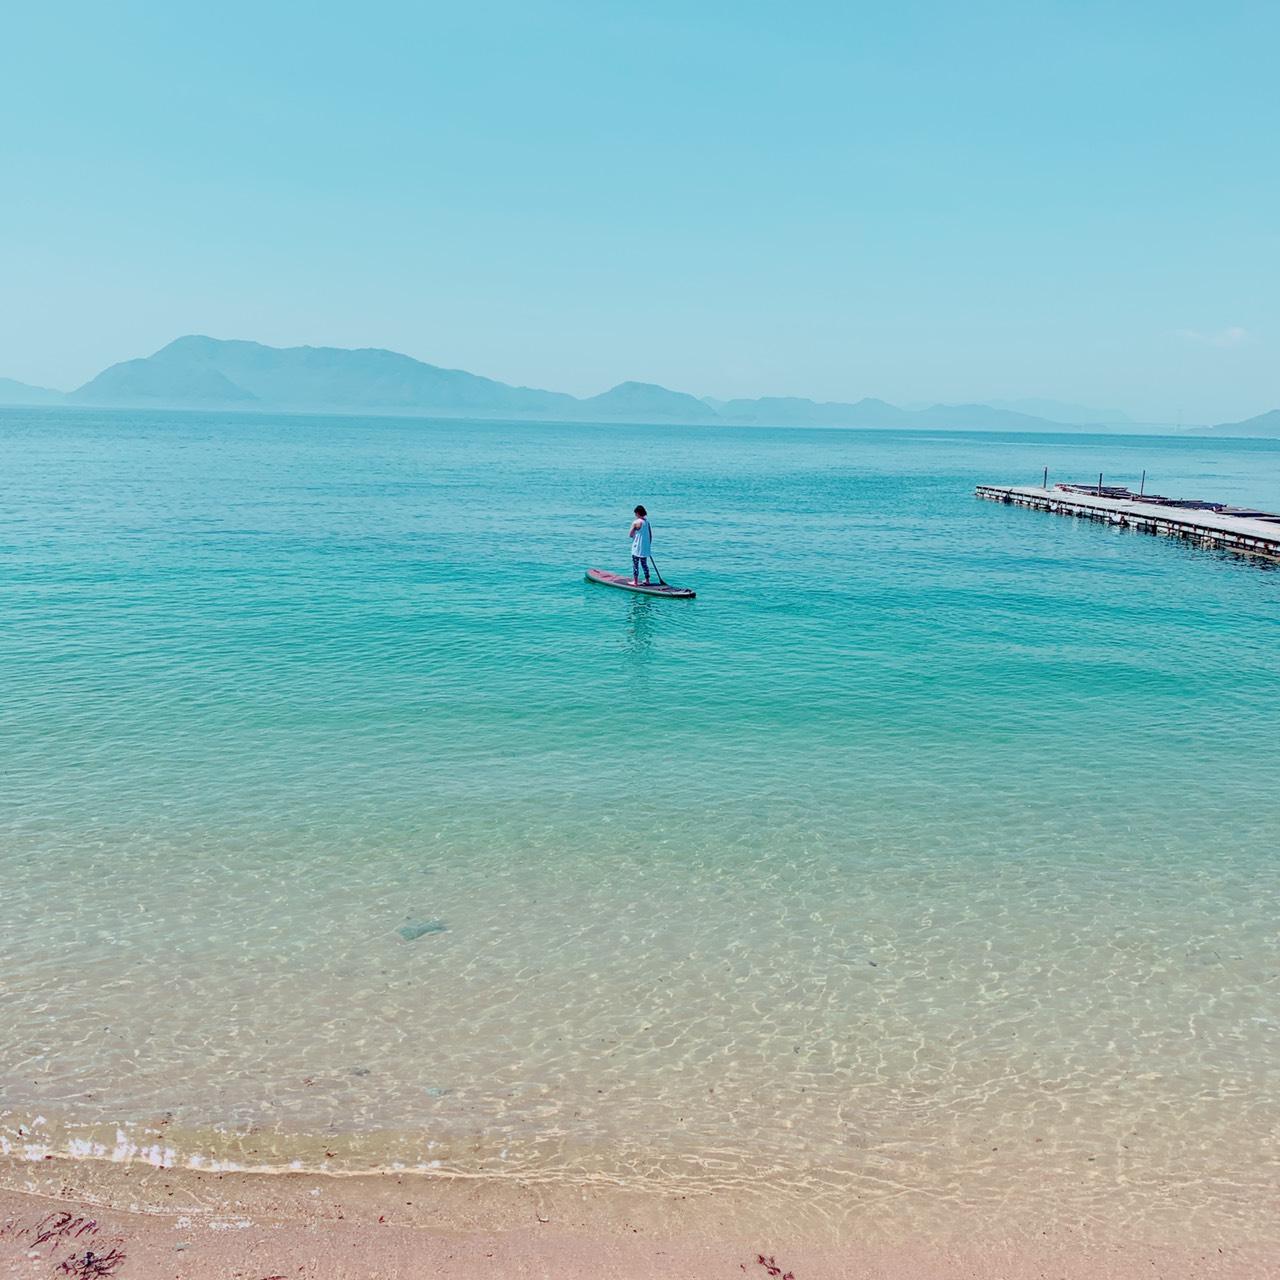 瀬戸内海をSUPで水上散歩